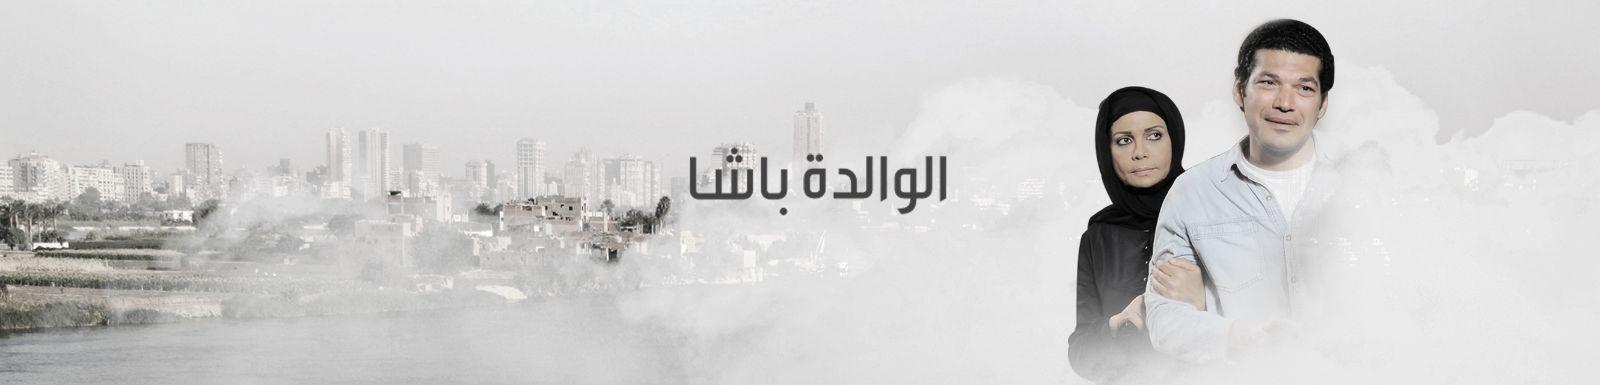 مشاهدة مسلسل الوالدة باشا الحلقة 10 كاملة على قناة mbc 1